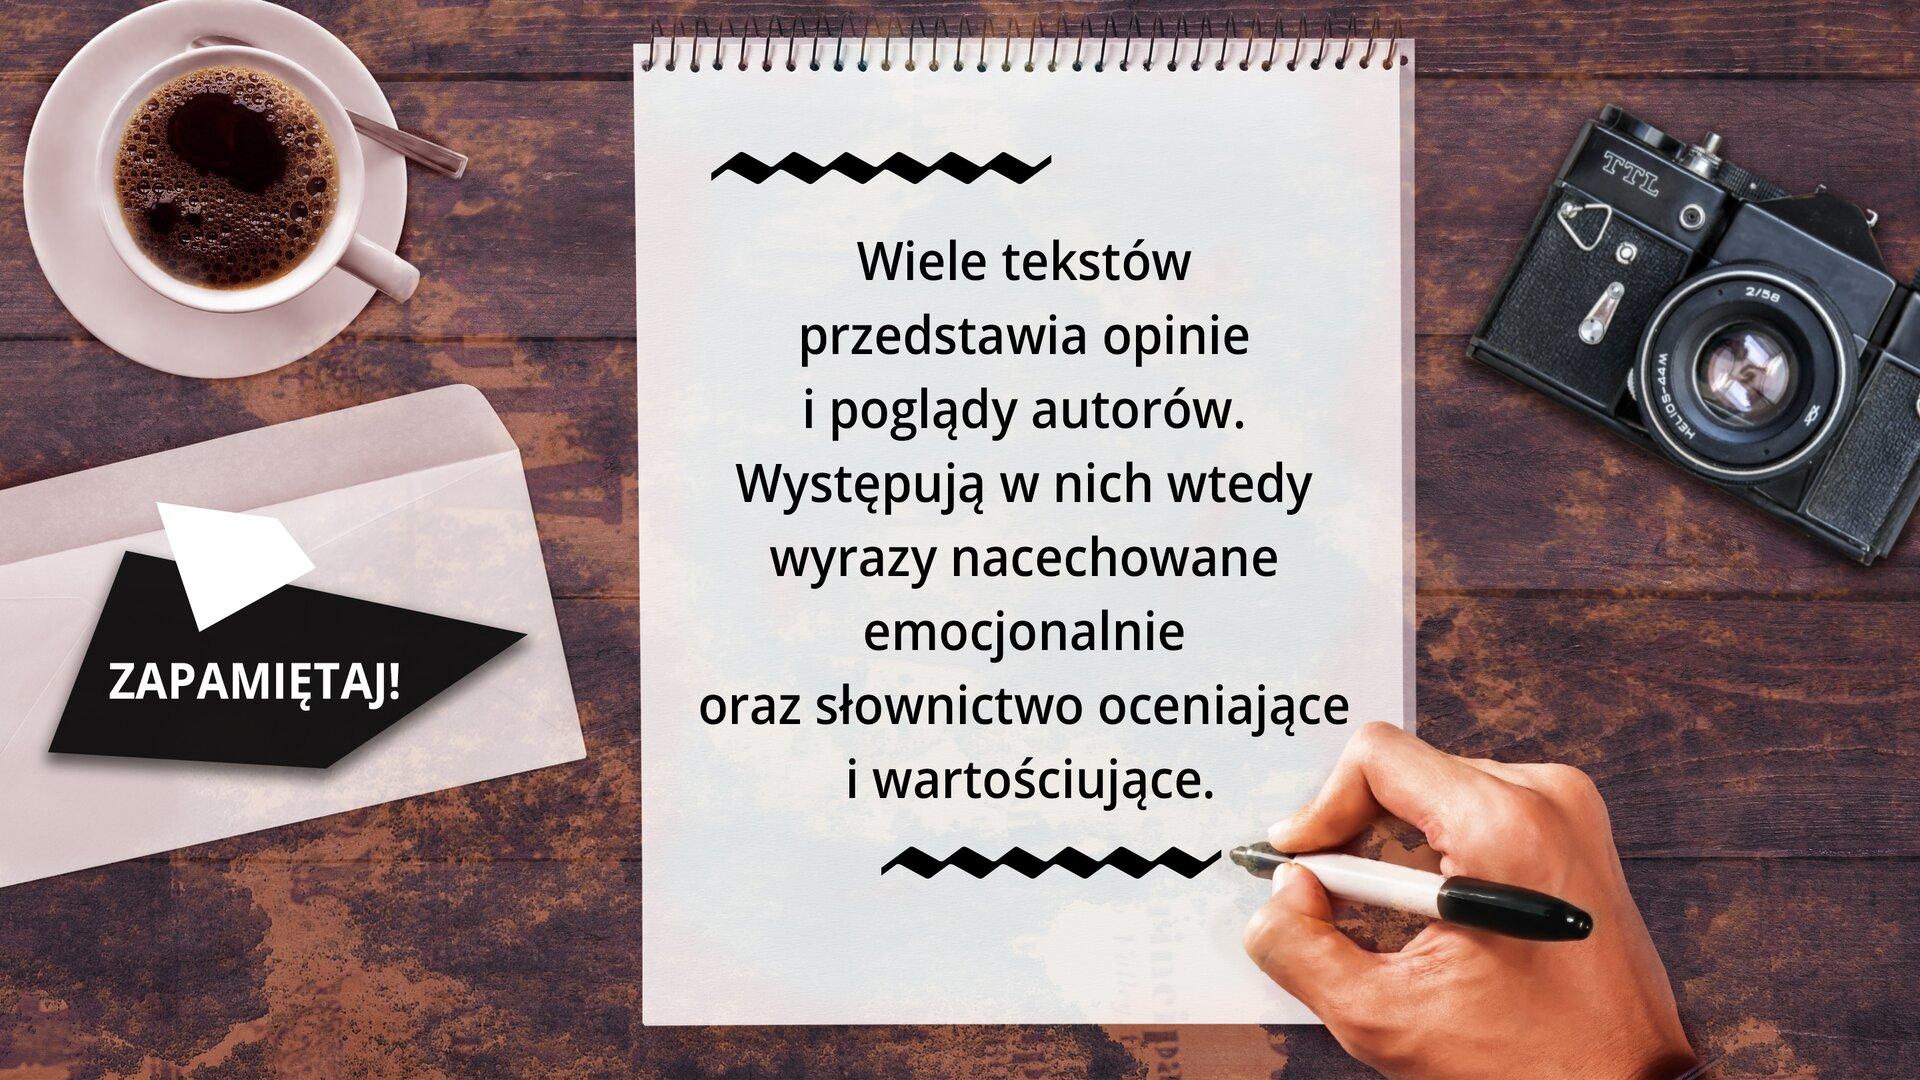 Ilustracja przedstawia na ciemnobrązowym tle stojącą po lewej stronie białą filiżankę na białym talerzyku wypełniona kawą. Po prawej stronie ilustracji widać leżący czarny aparat fotograficzny zotwartą przesłoną. Pod filiżanką zkawą na czworoboku jest umieszczony napis: ZAPAMIĘTAJ! NA środku ilustracji jest biała kartka zczarnym tekstem: Wiele tekstów przedstawia opinie ipoglądy autorów. Występują wnich wtedy wyrazy nacechowane emocjonalnie oraz słownictwo oceniające iwartościujące.